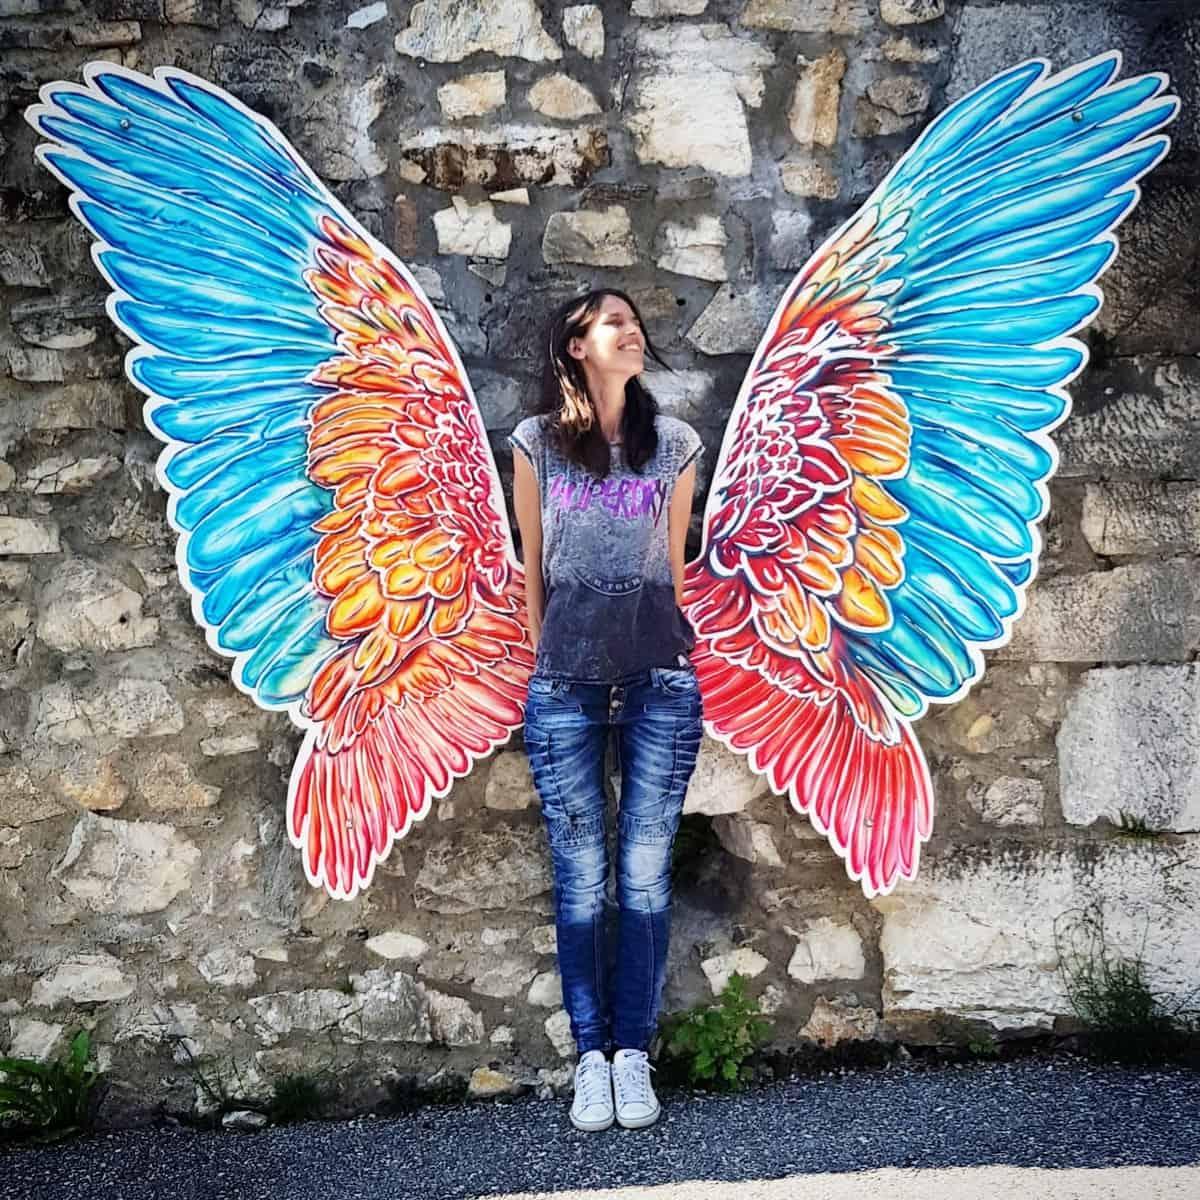 Besucherin Fotowand mit Flügel in Adlerarena Burg Landskron in Kärnten bei Villach